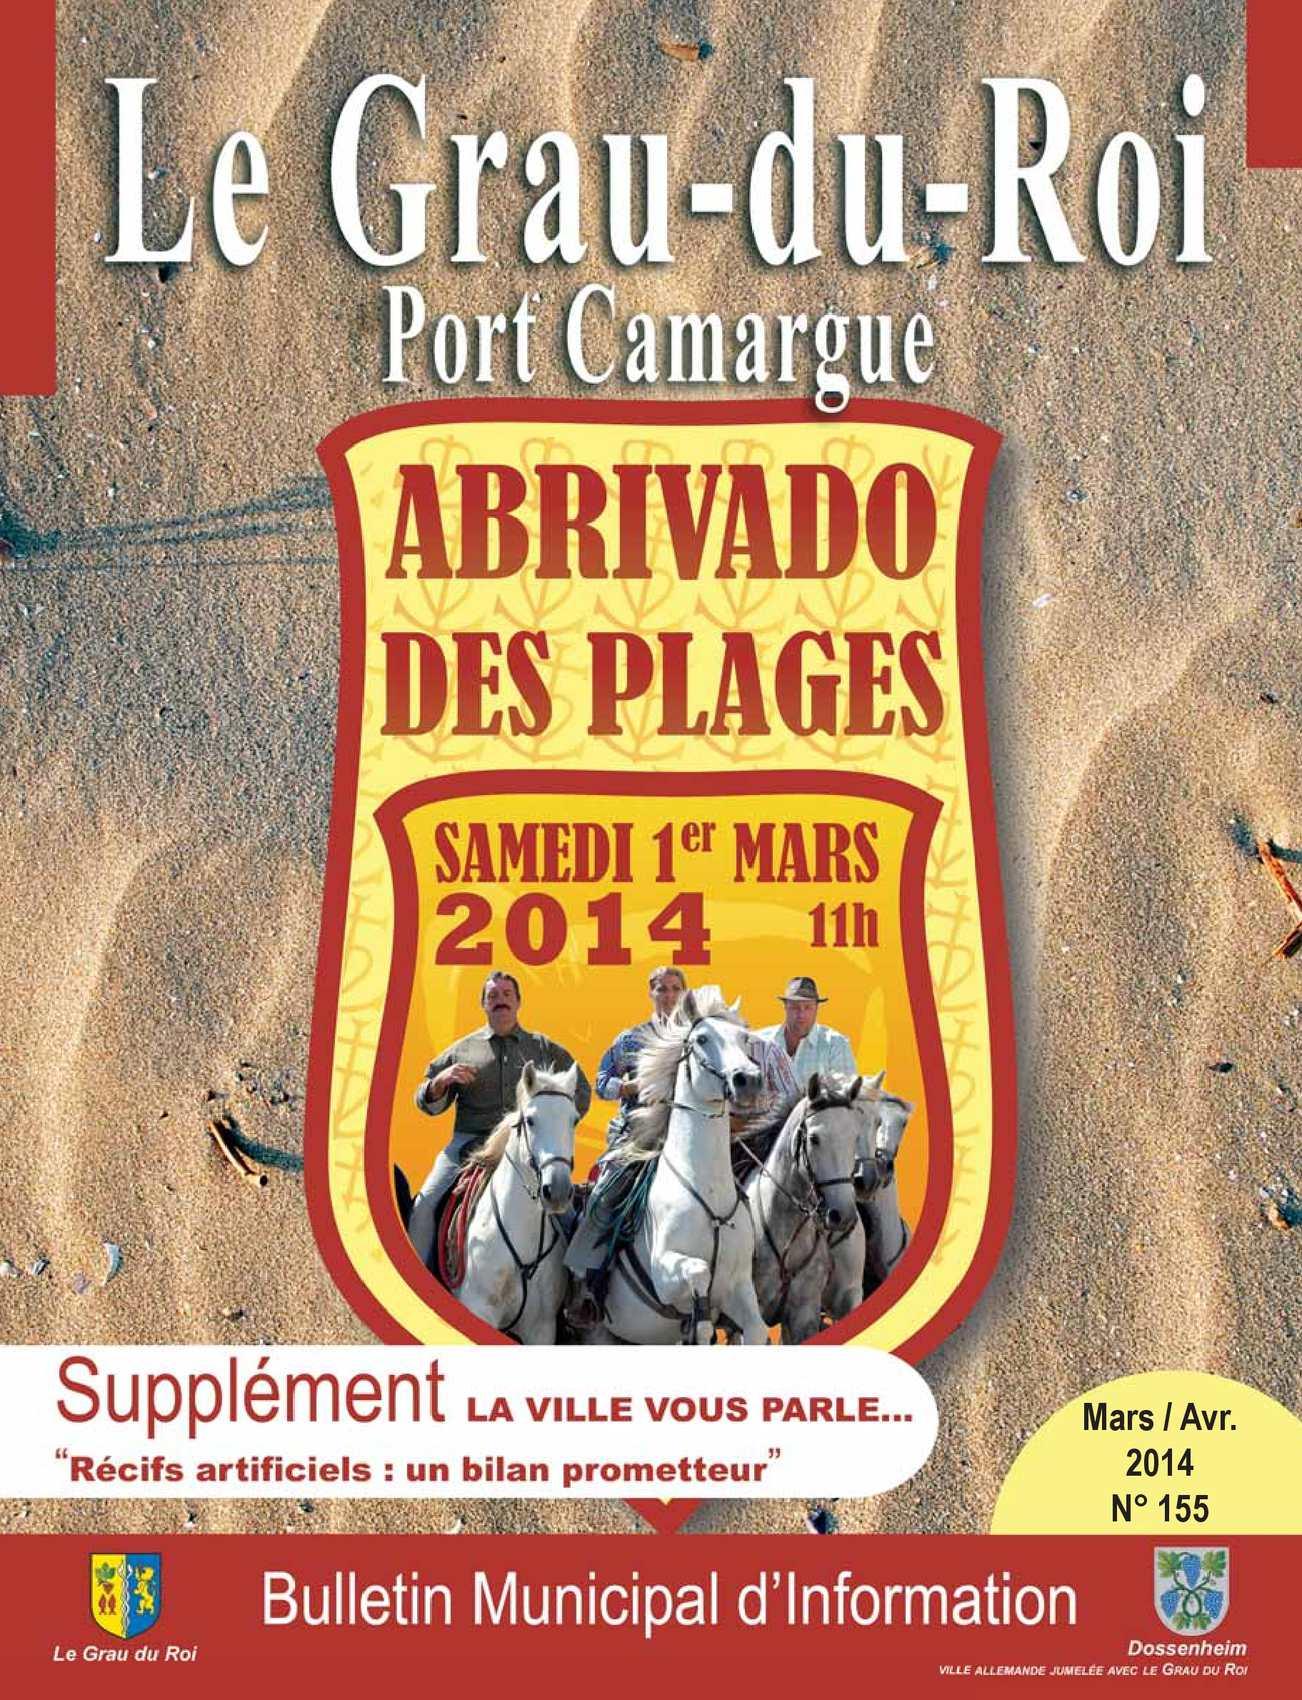 Calam o le grau du roi port camargue bulletin d 39 information municipal n 155 - Le grau du roi port camargue ...